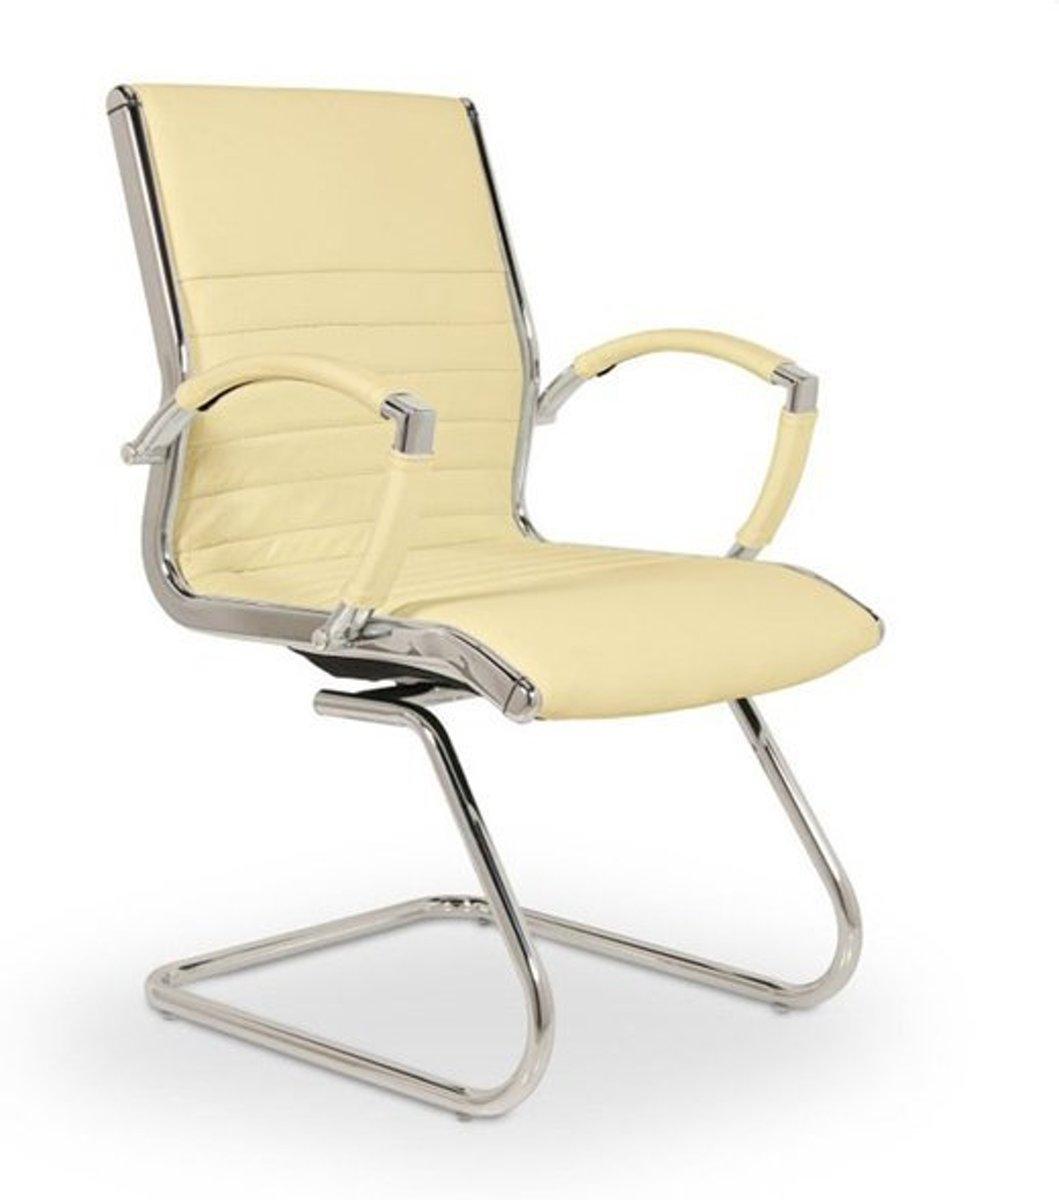 Vergaderstoel - Bureaustoel - Conferentiestoel - Bezoekerstoel - wachtkamerstoel - Lincoln design beige (100 % echt leder) kopen